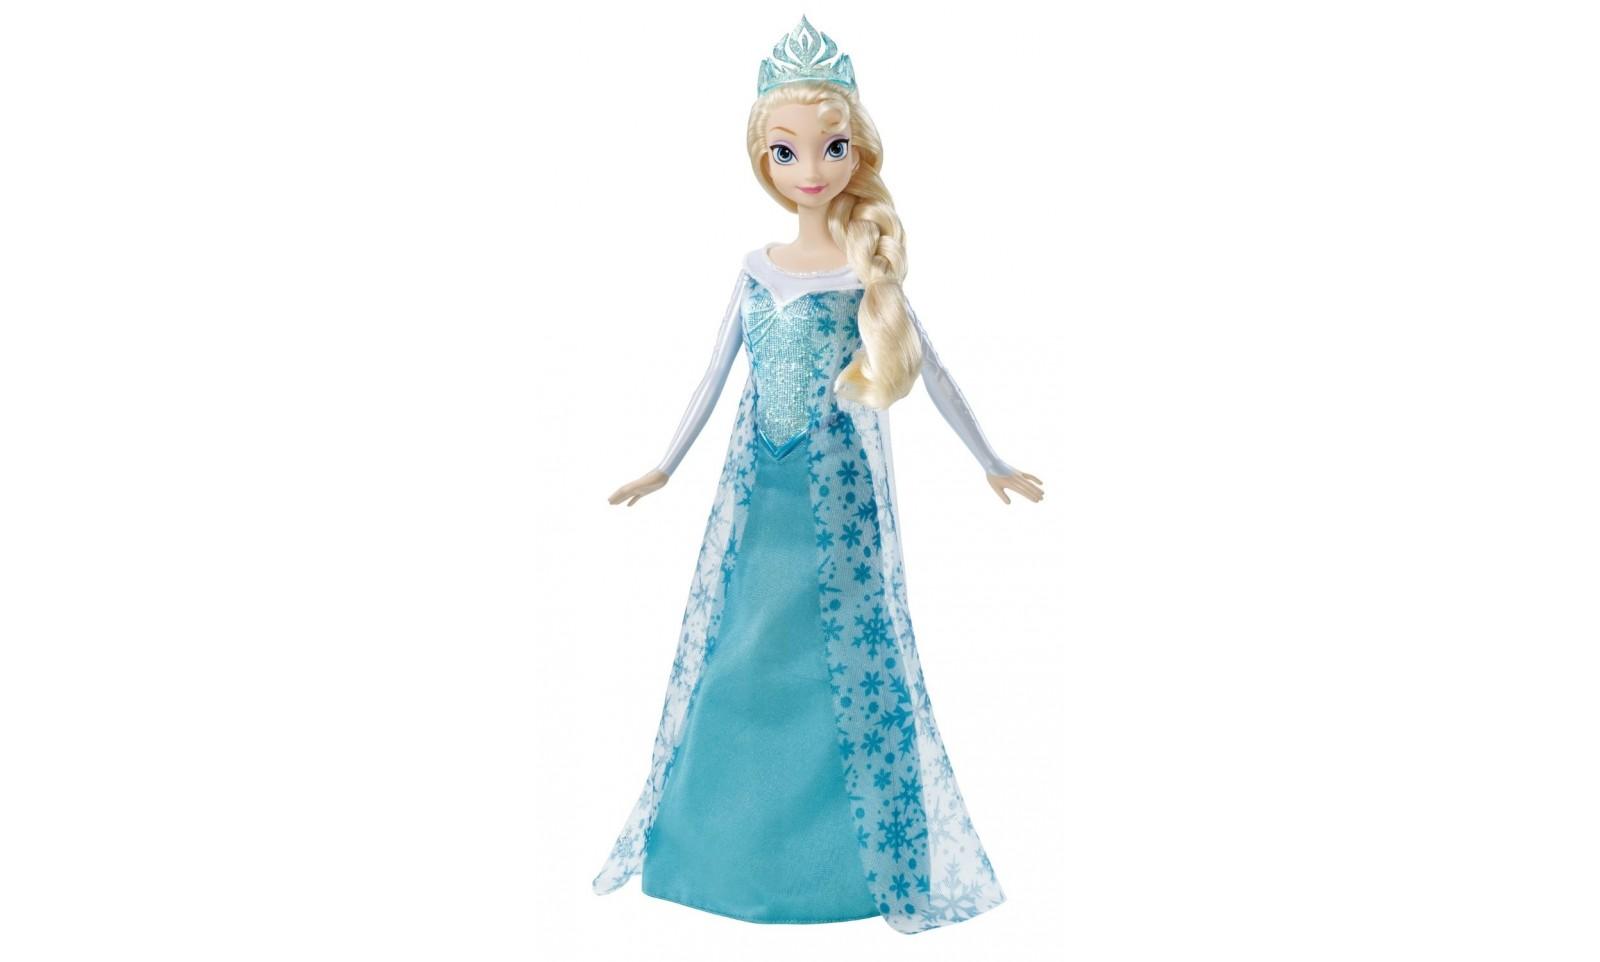 La reine des neiges poup e elsa 30 cm cin ma - Elsa la reine ...